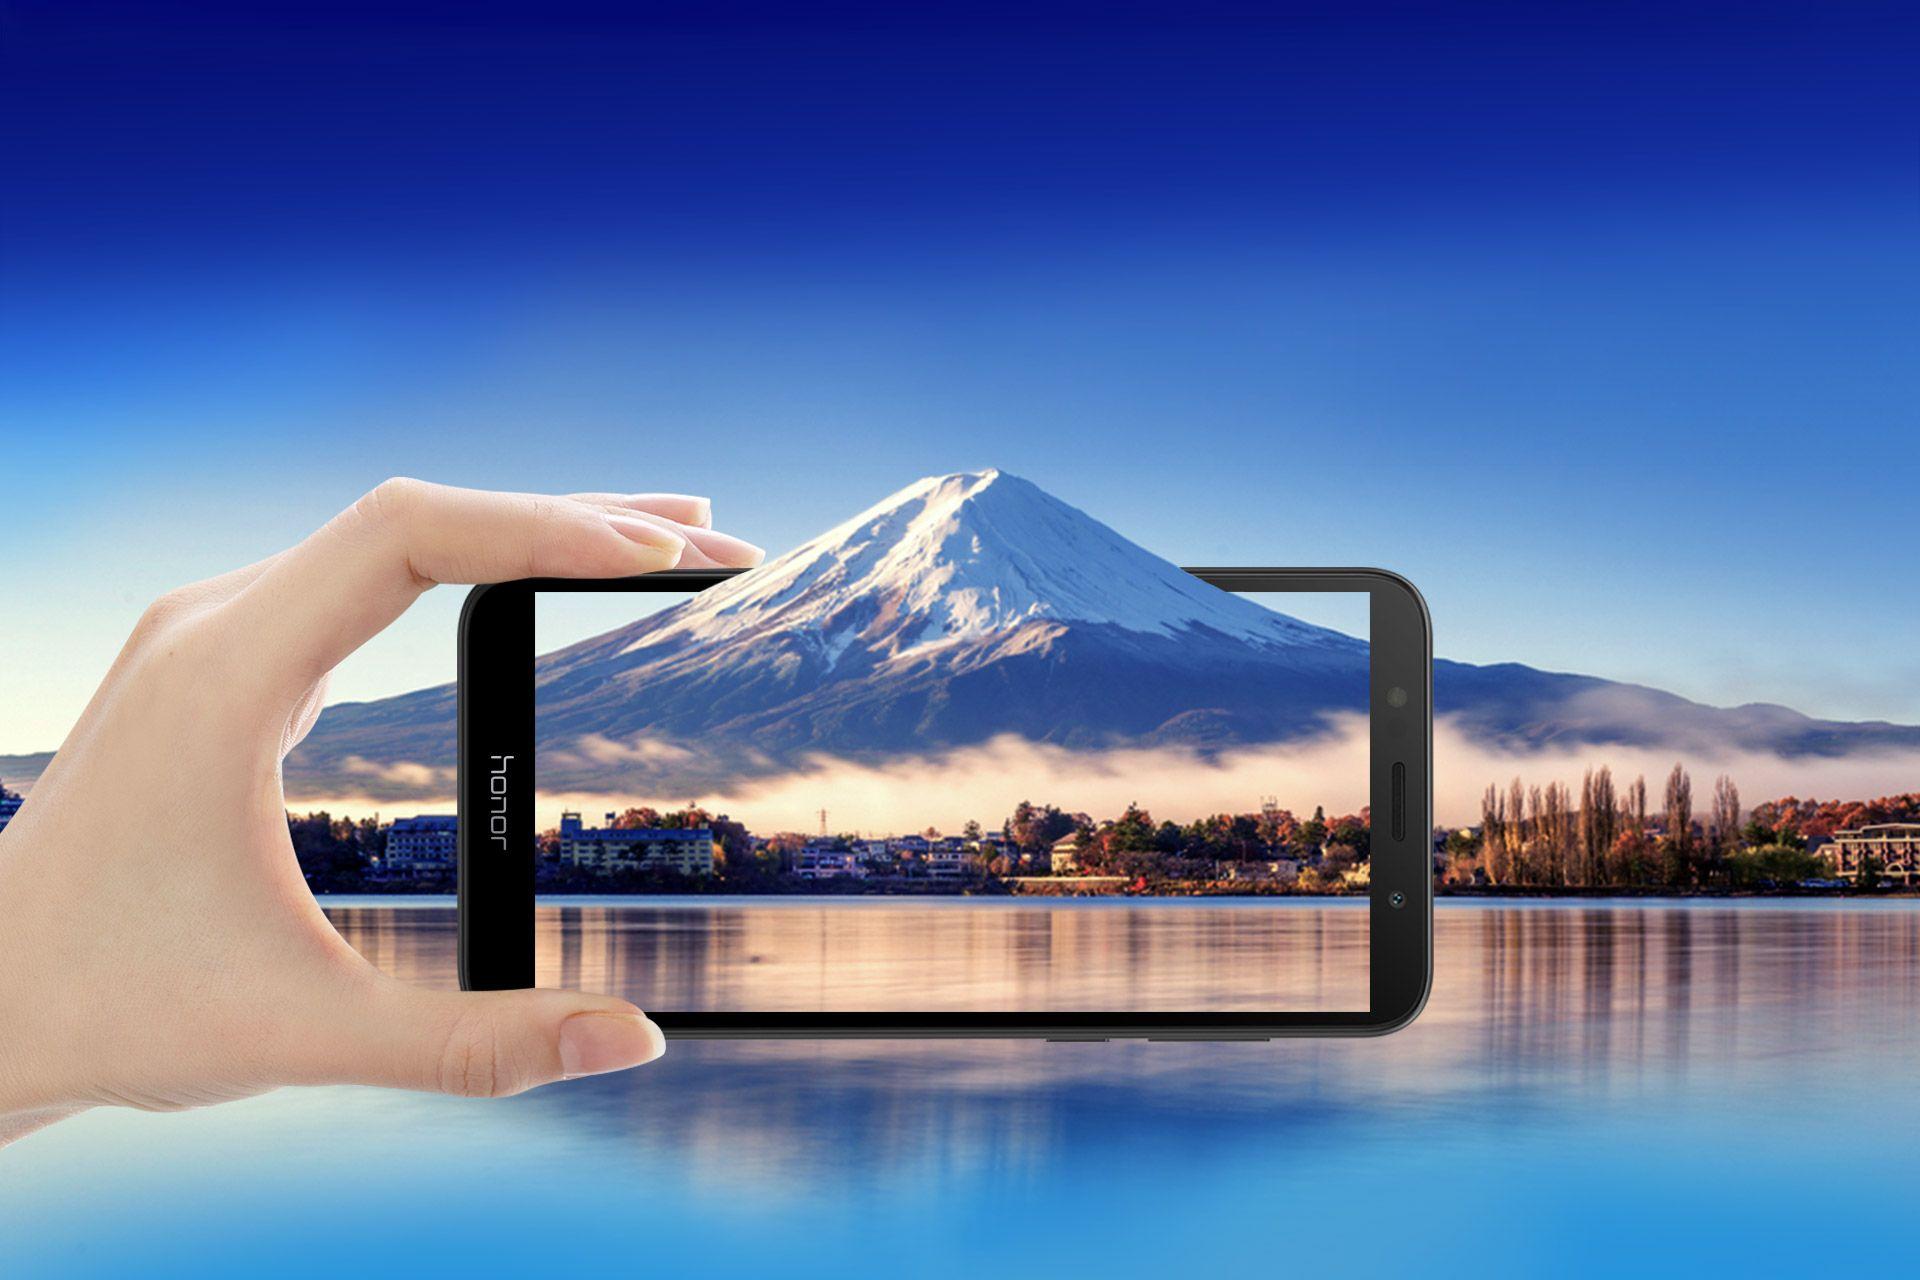 Вышел бюджетный Honor 7S с FullView-экраном чипом MediaTek